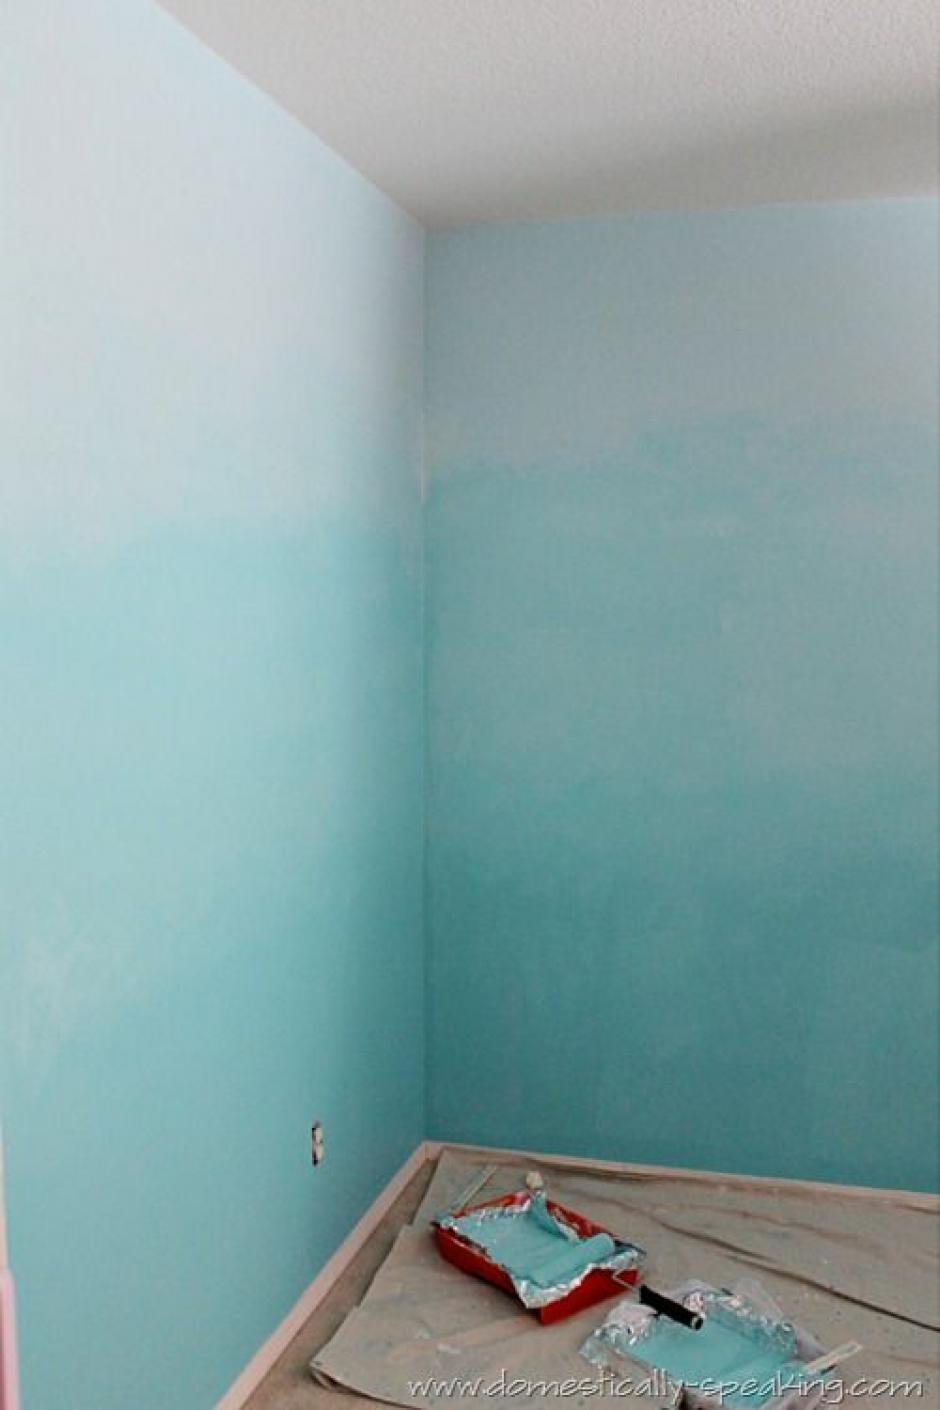 Juega con los azules.Crea un degradado con diferentes tonos de azul claro para que la habitación parezca más alta. Además este color que transmite serenidad, armonía y tranquilidad mental, por lo que es ideal para aquellos espacios en los que desees relajarte.